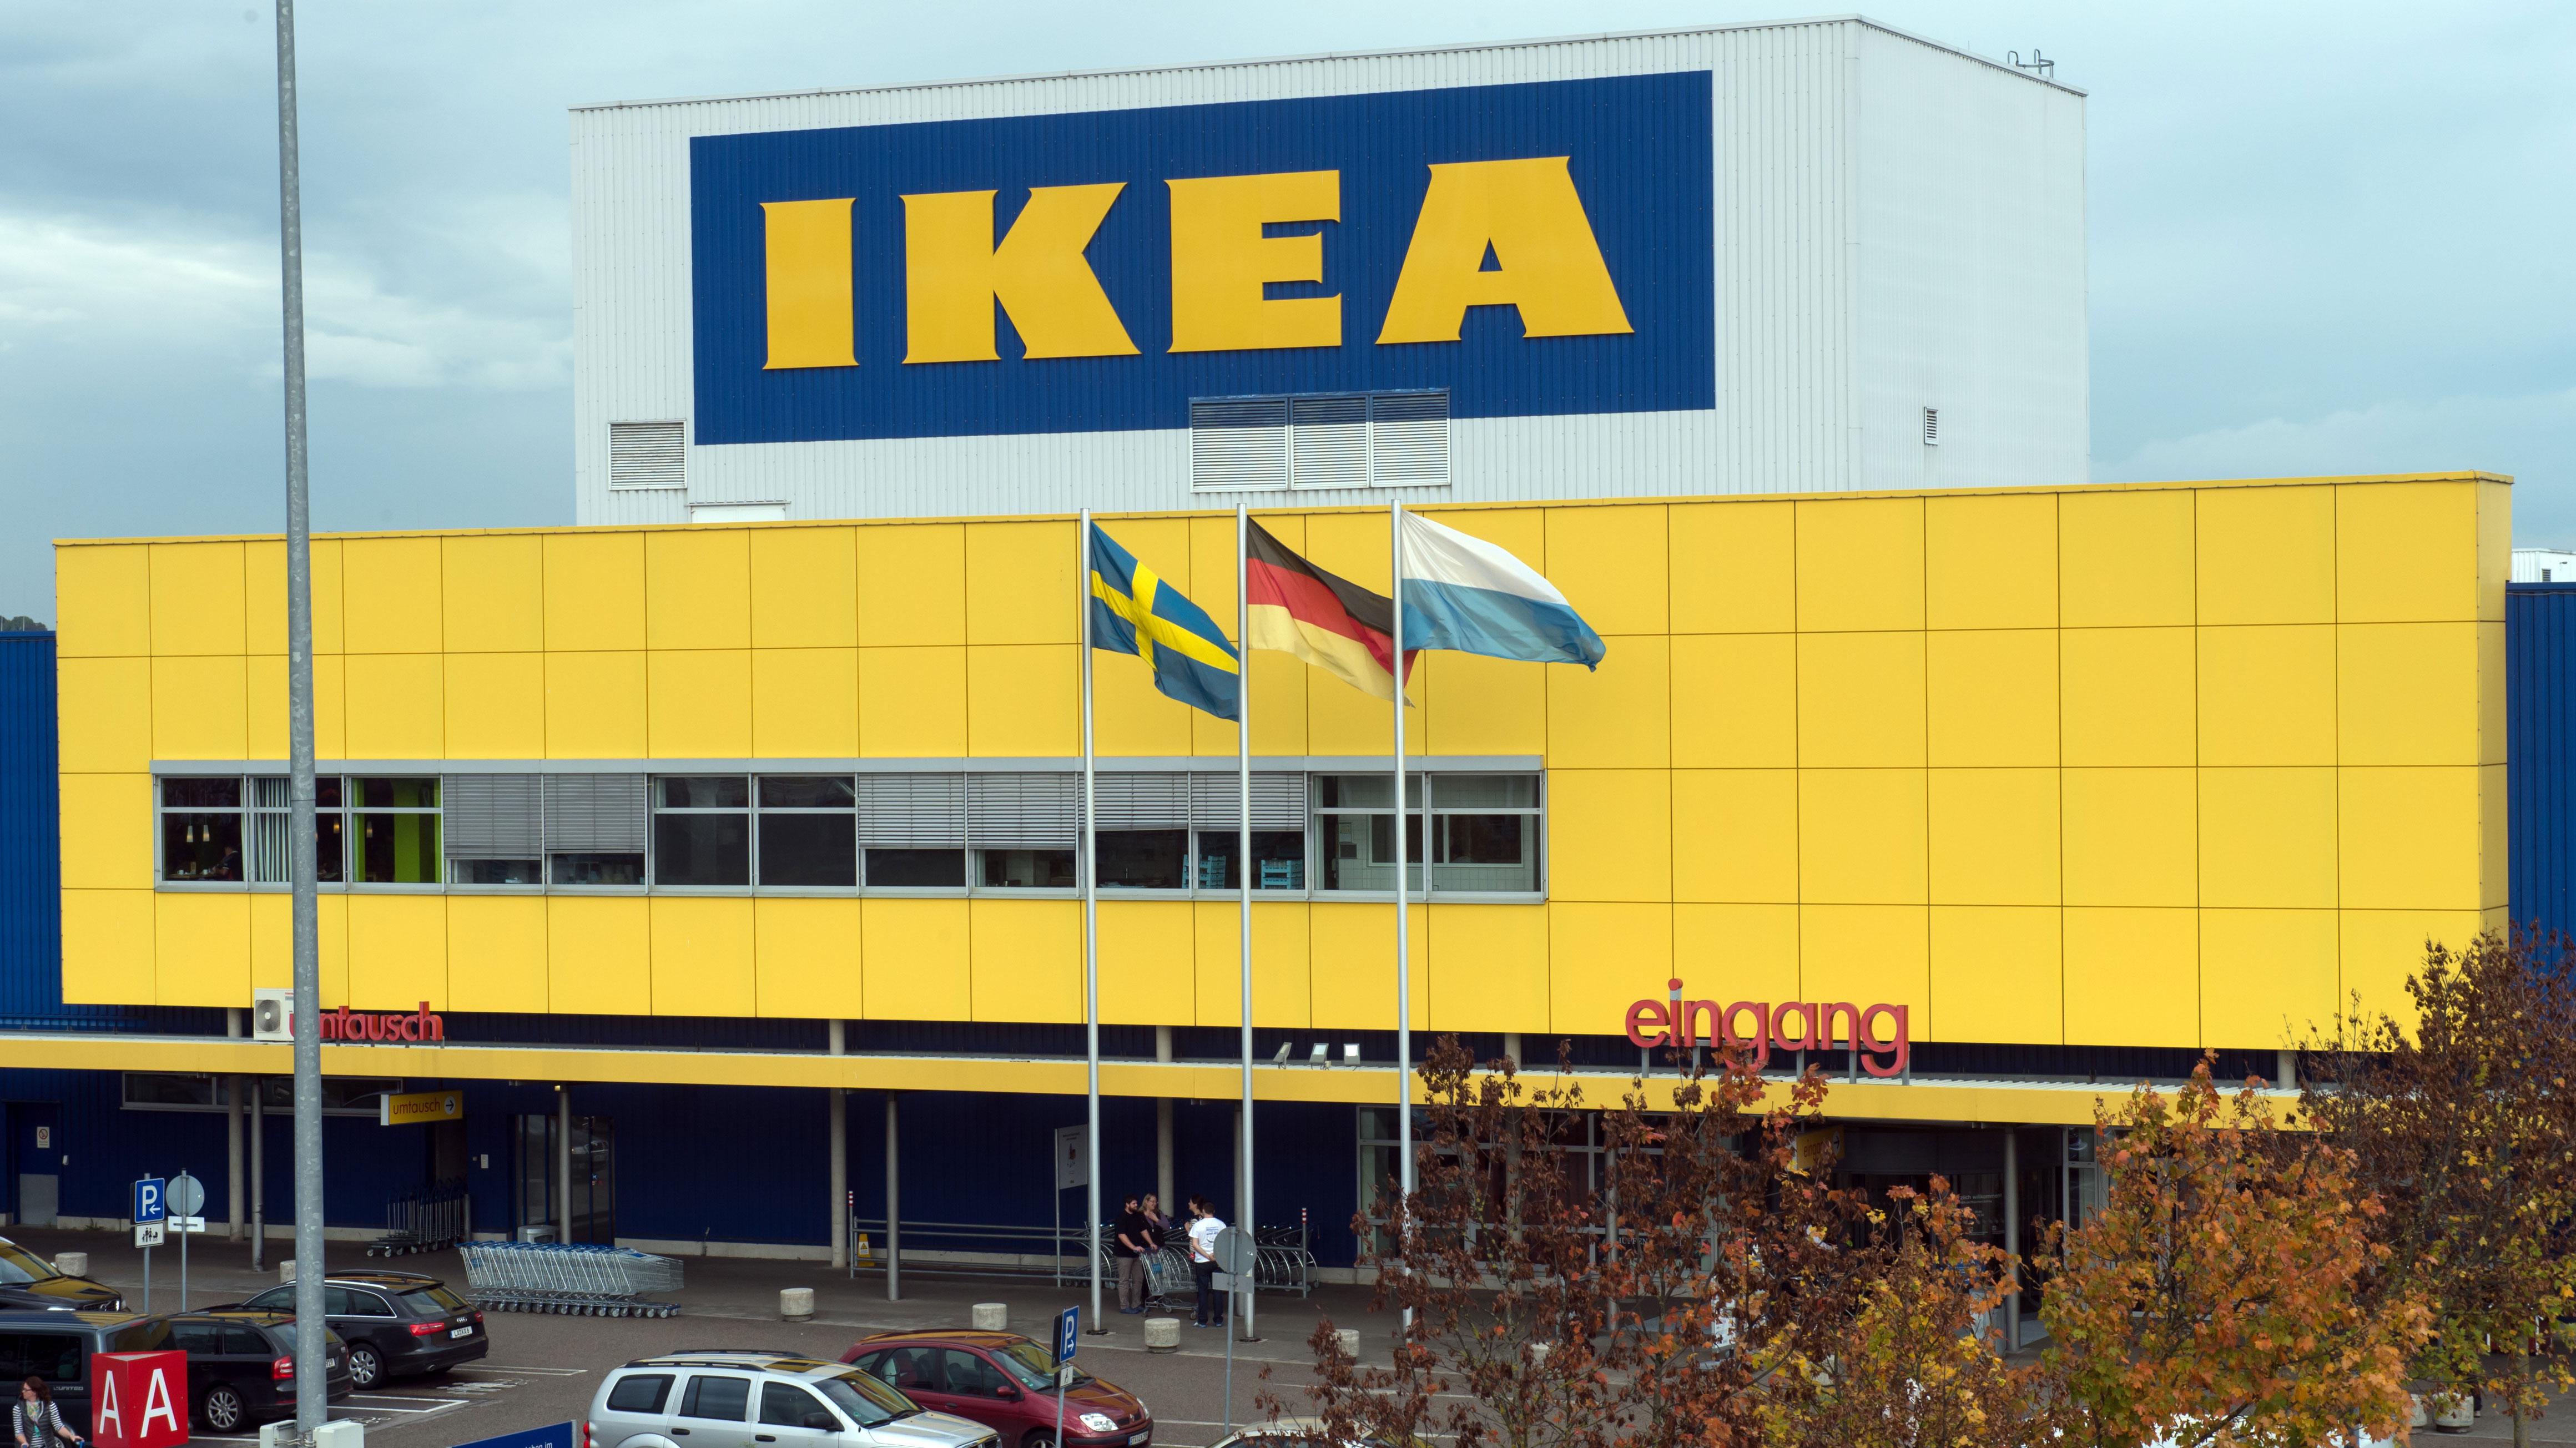 ikea das erste begehbare wohnmagazin deutschlands ist da absatzwirtschaft. Black Bedroom Furniture Sets. Home Design Ideas